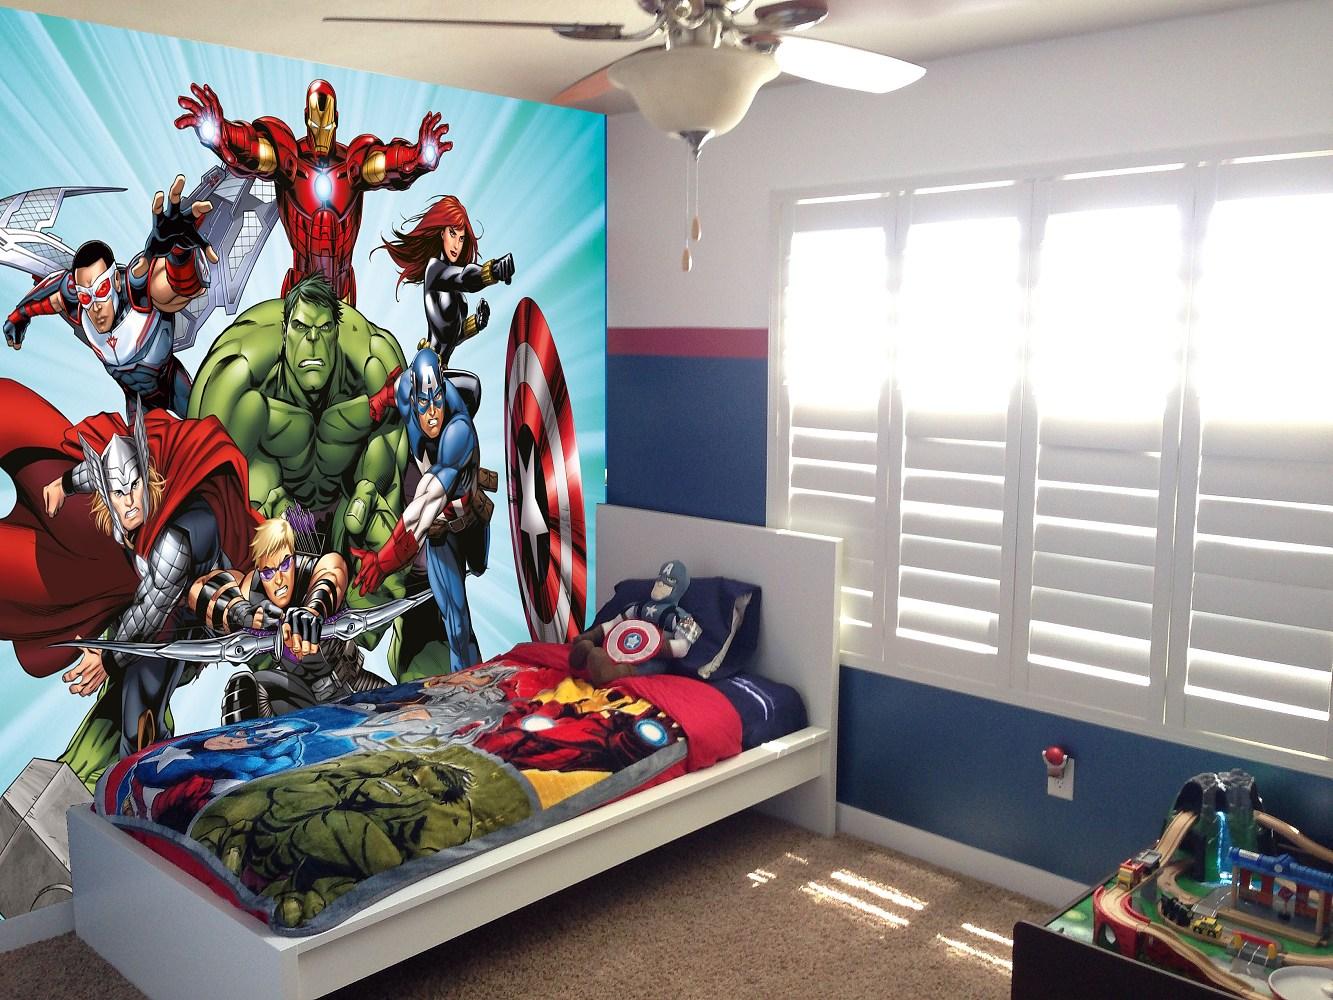 Dětská fototapeta Hulk a hrdinové Marvel Avengers